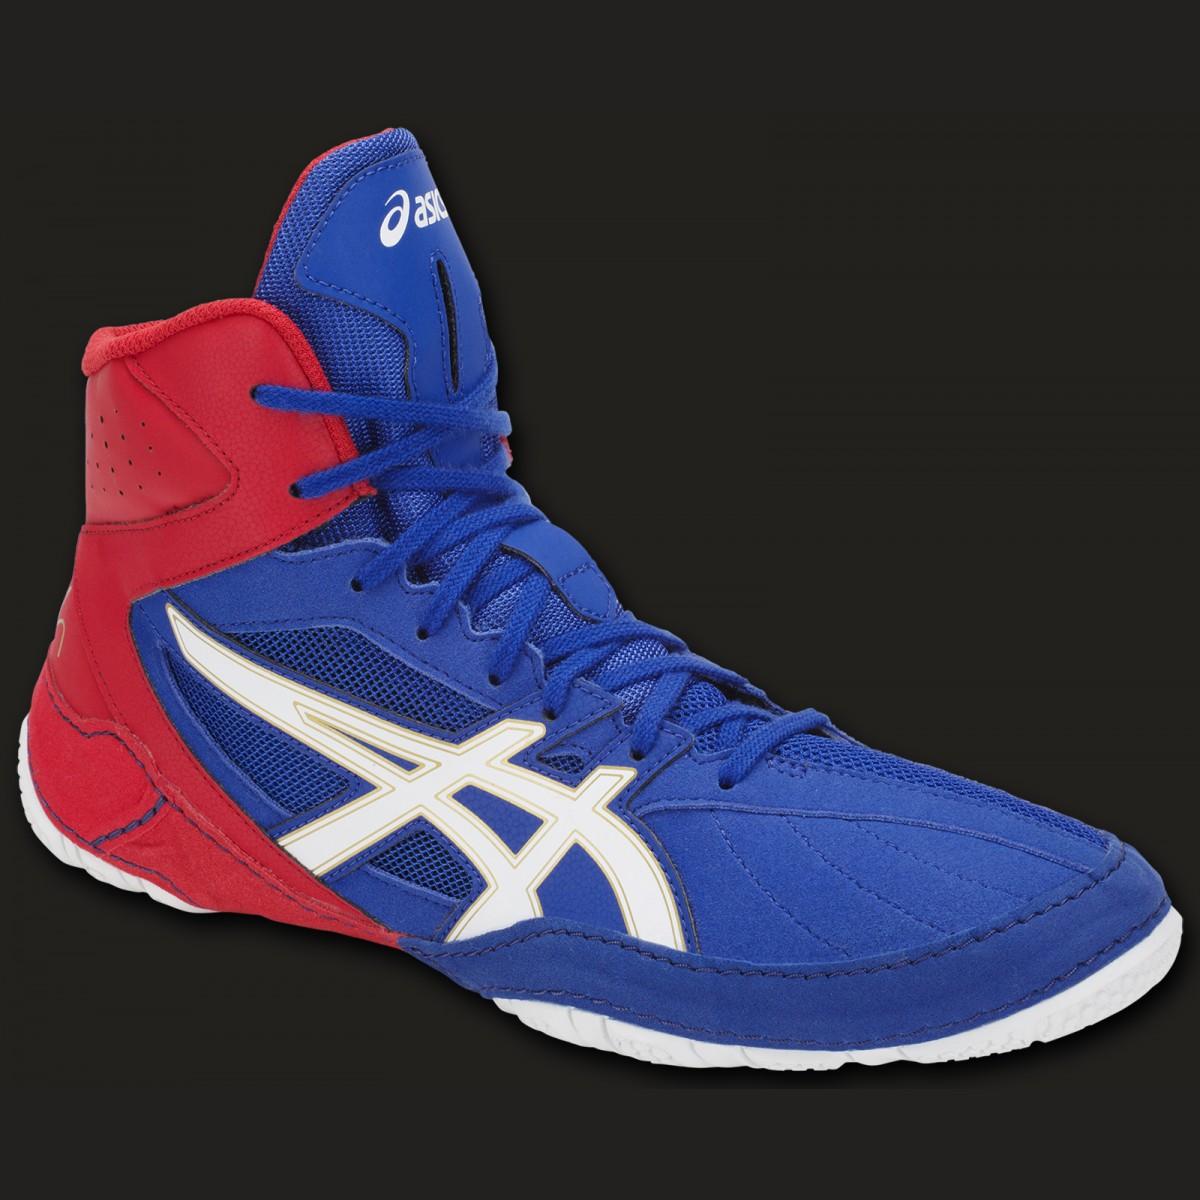 info pour 93079 5480c ASICS chaussure pour la boxe et la lutte Cael V8.0 Bleu/rouge